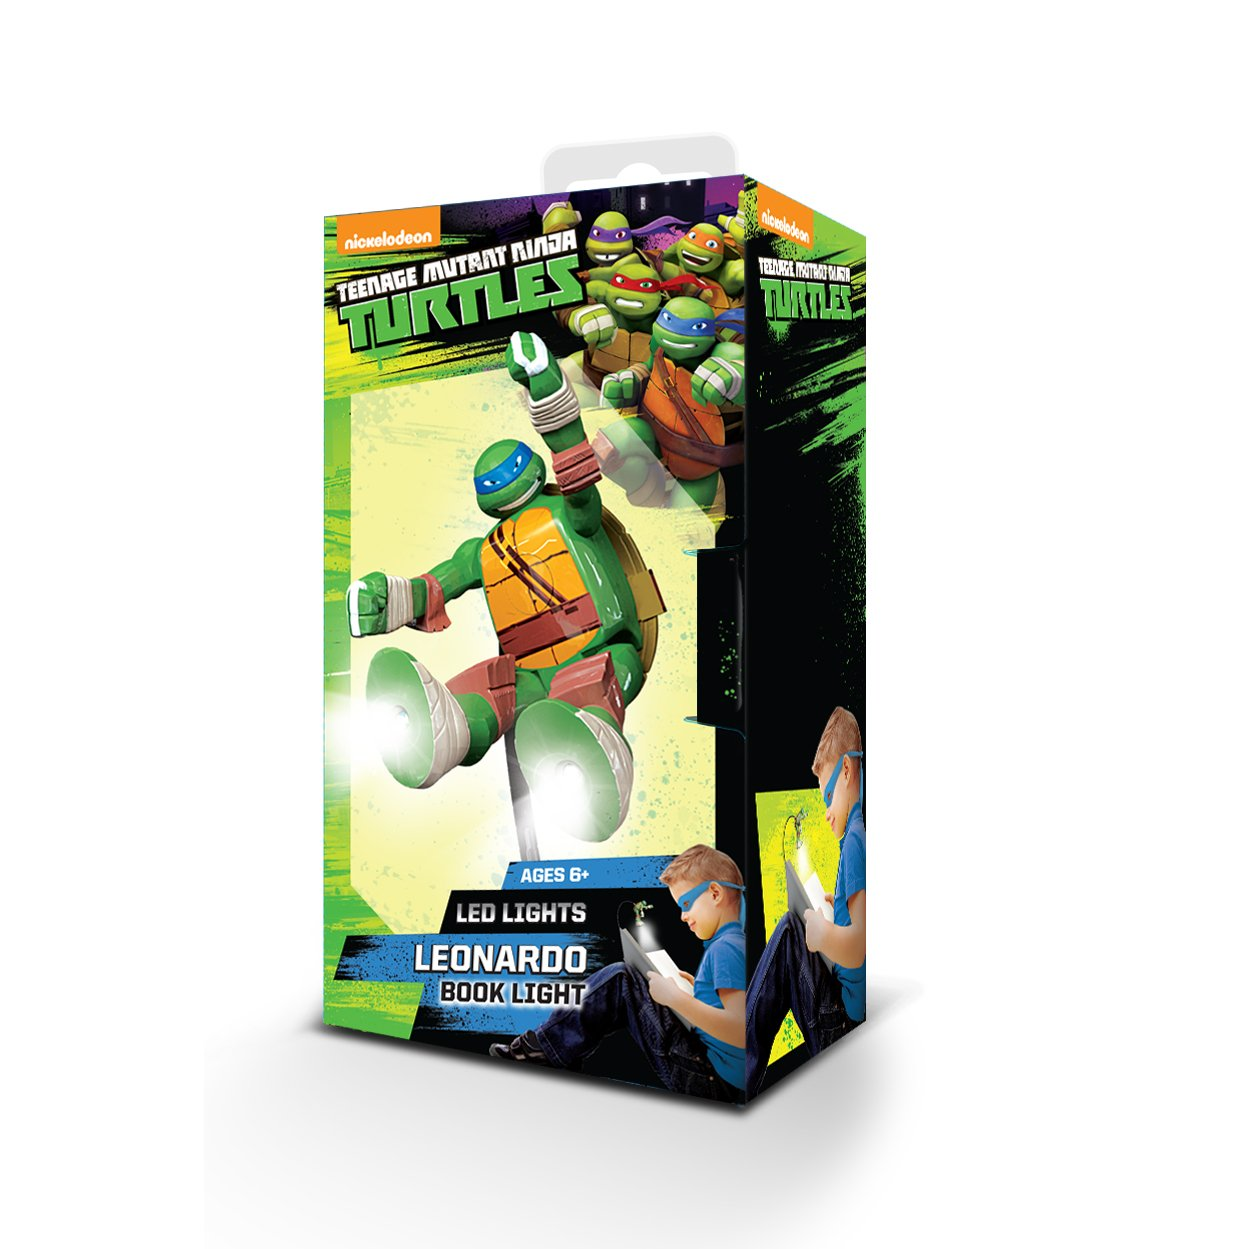 Teenage Mutant Ninja Turtles Adjustable Book Light with Clip - Leonardo